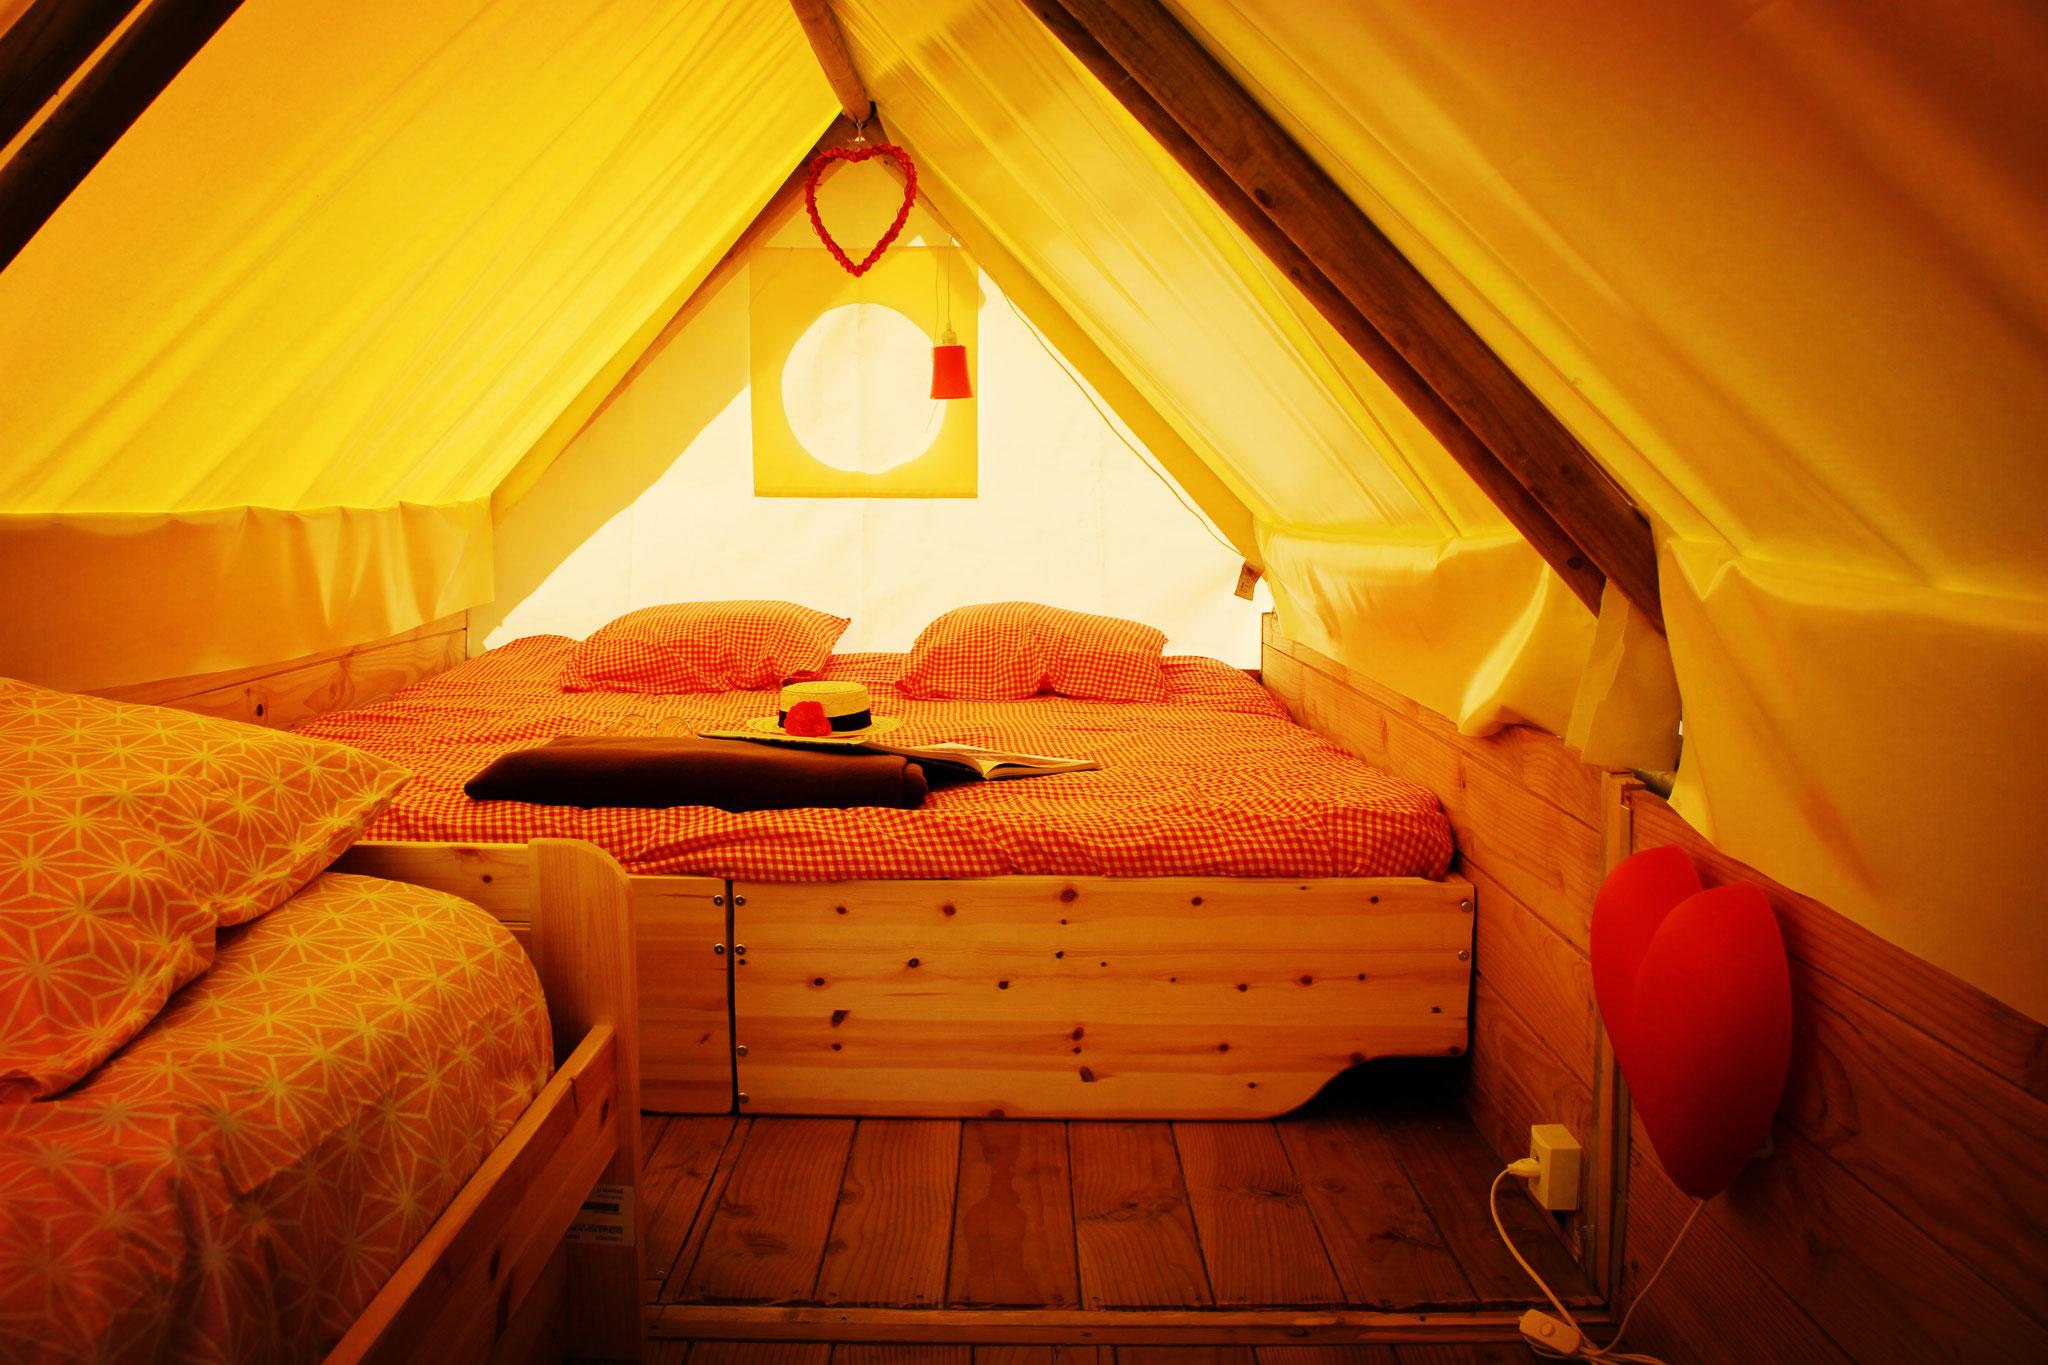 Louer un séjour insolite dans une tente perchée dans le camping en Baie de Somme